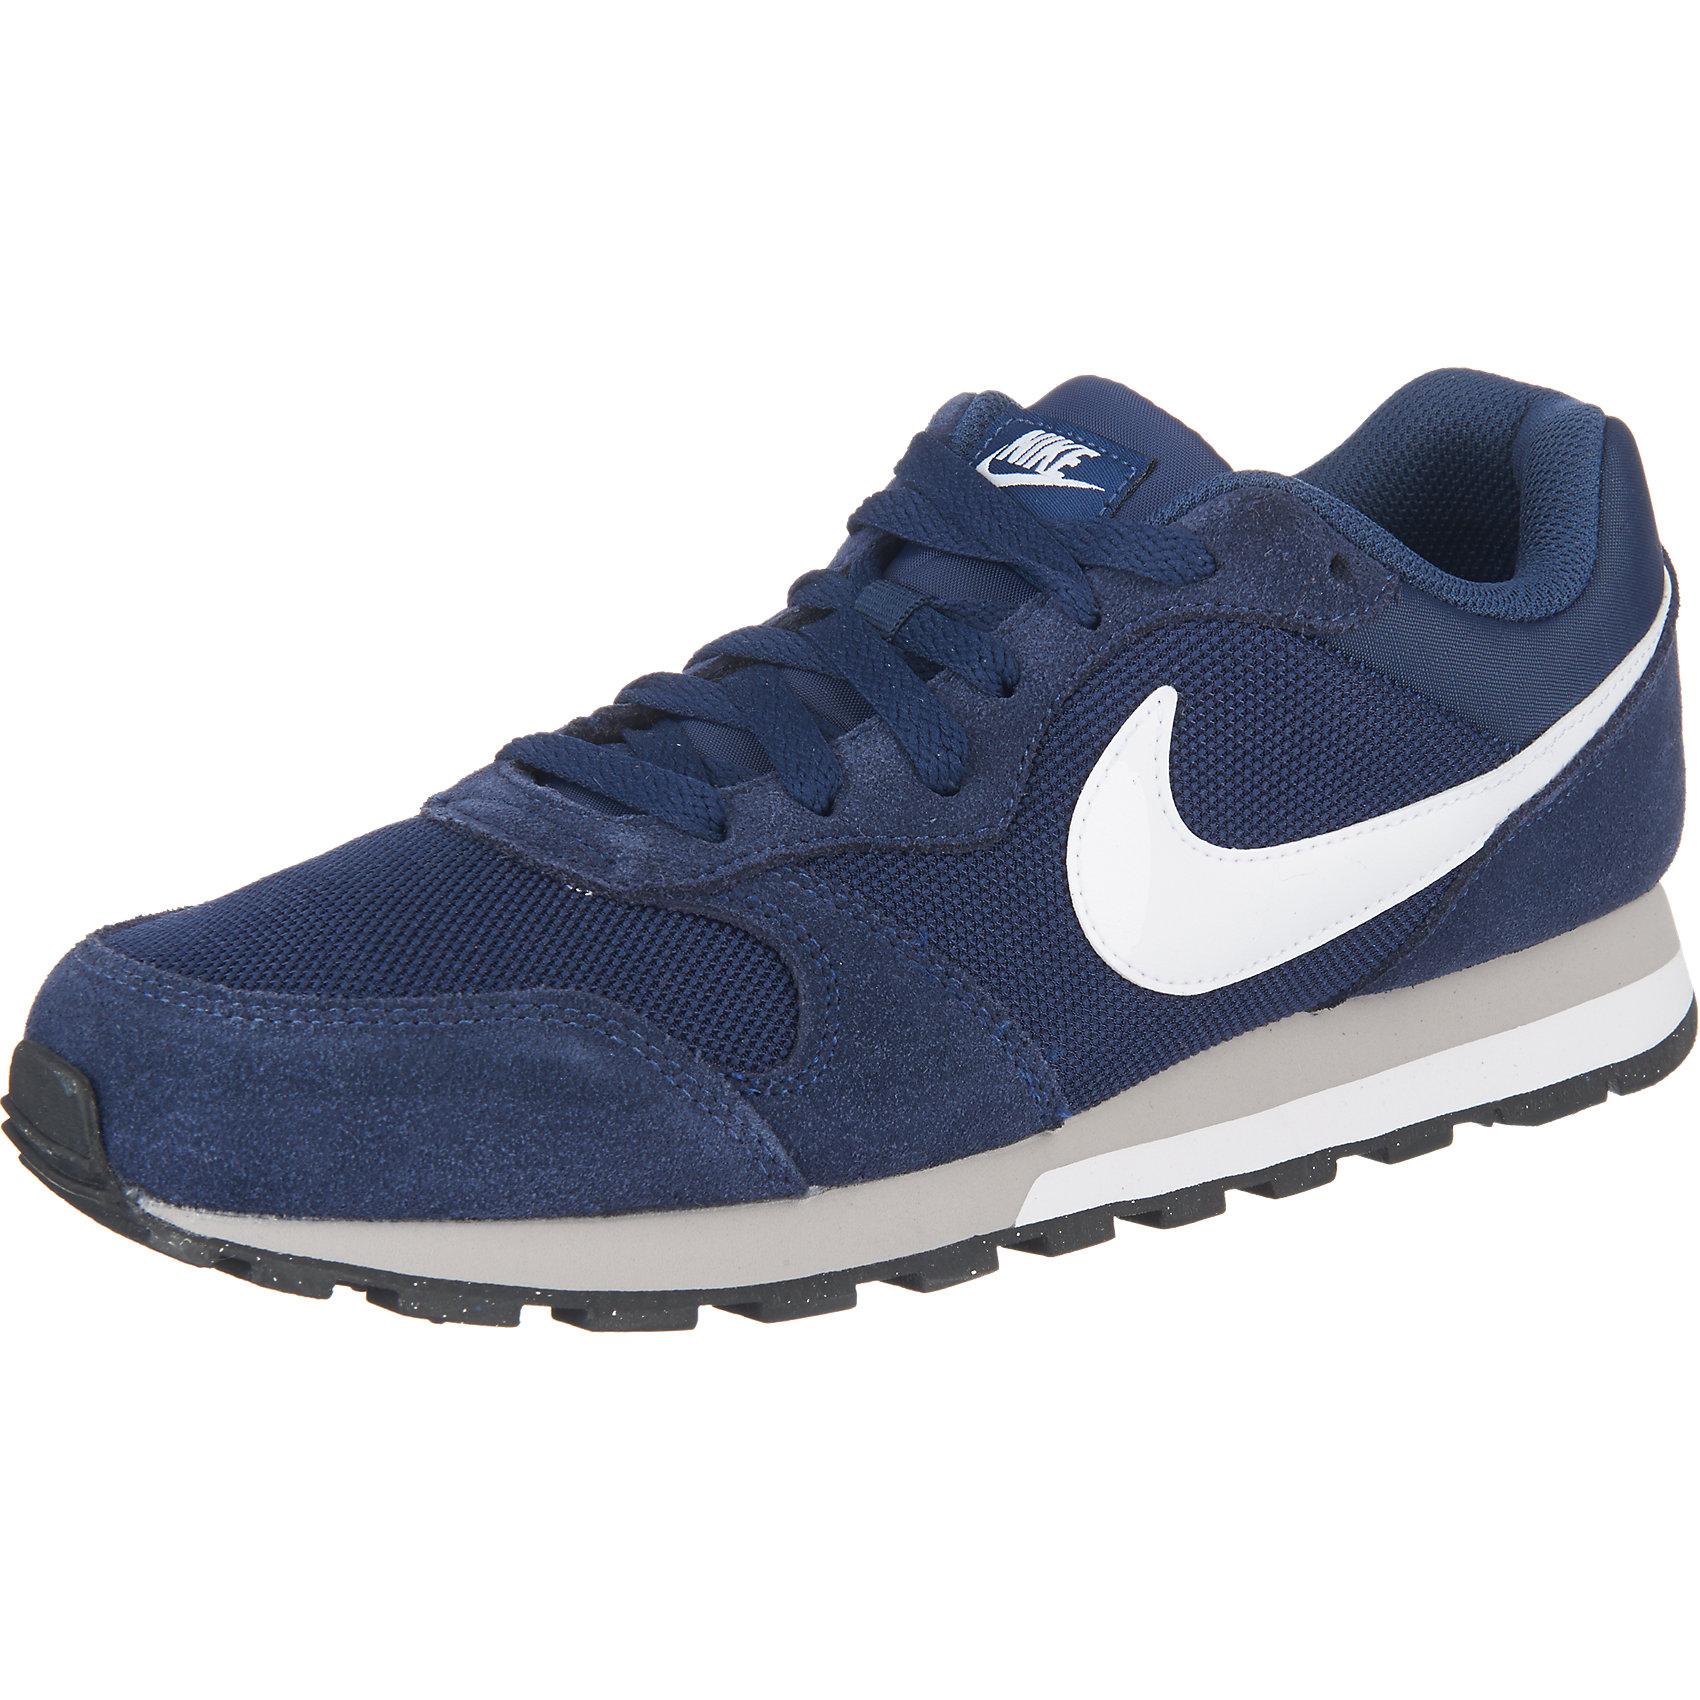 Neu-Nike-Sportswear-Md-Runner-2-Sneakers-Low-5749265-fuer-Herren